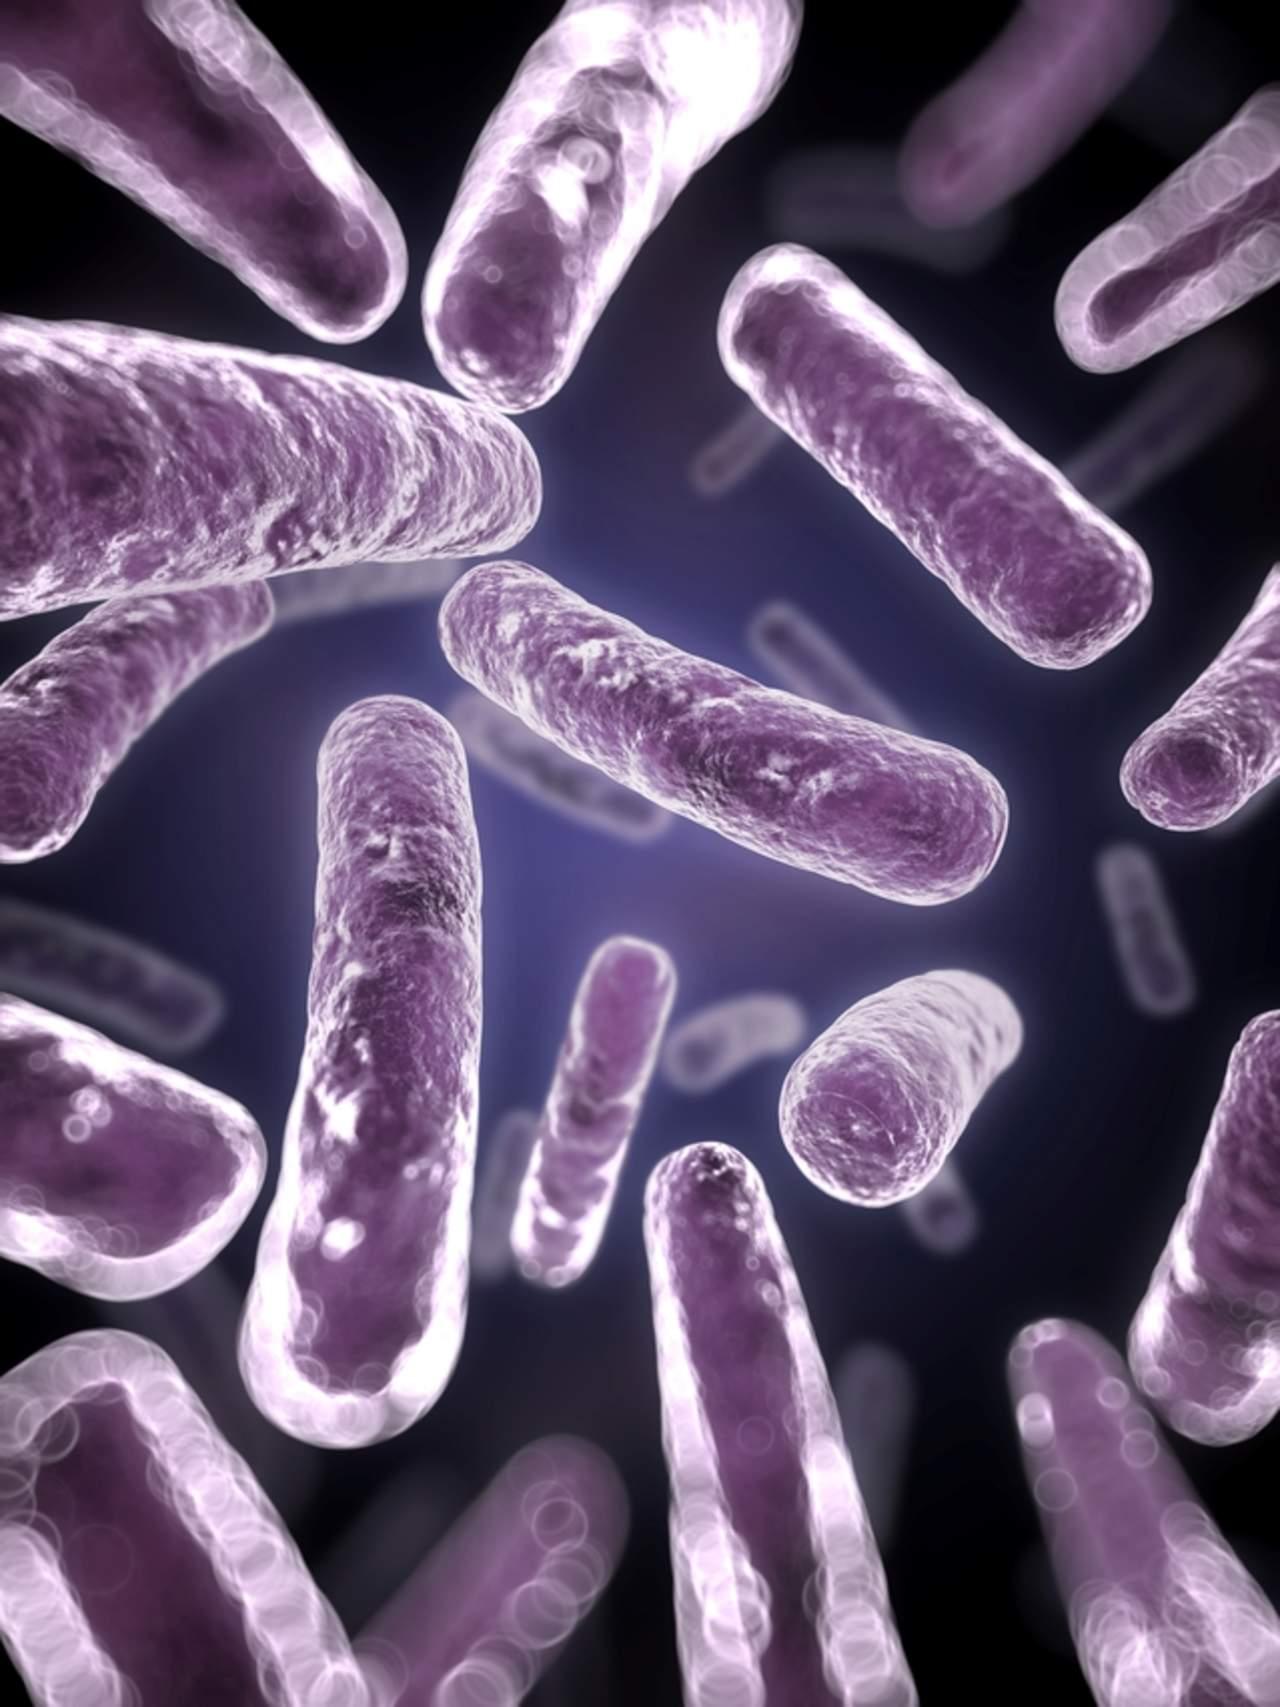 Investigan células que alertarán riesgo de cáncer antes de su aparición